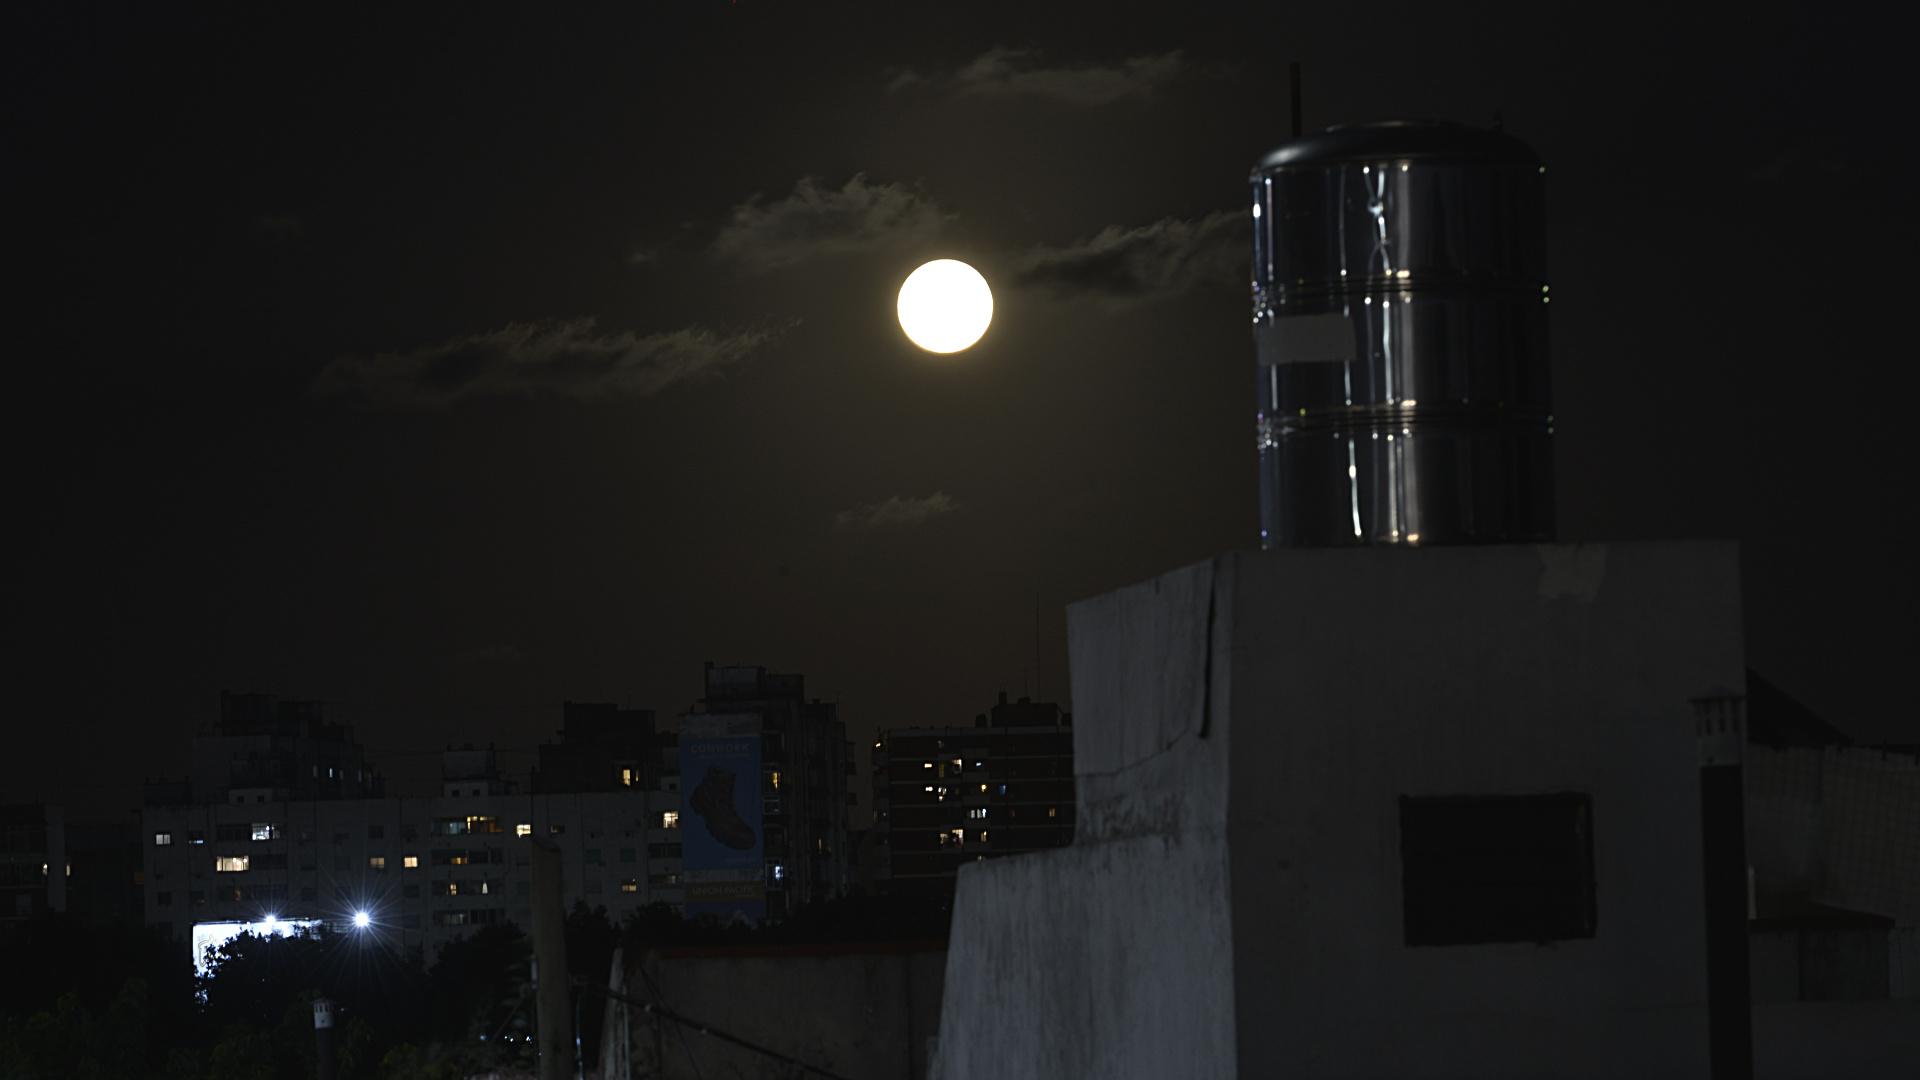 Si bien ya no se podrá presenciar el eclipse, la luna continuará apareciendo llena hasta la mañana de este martes